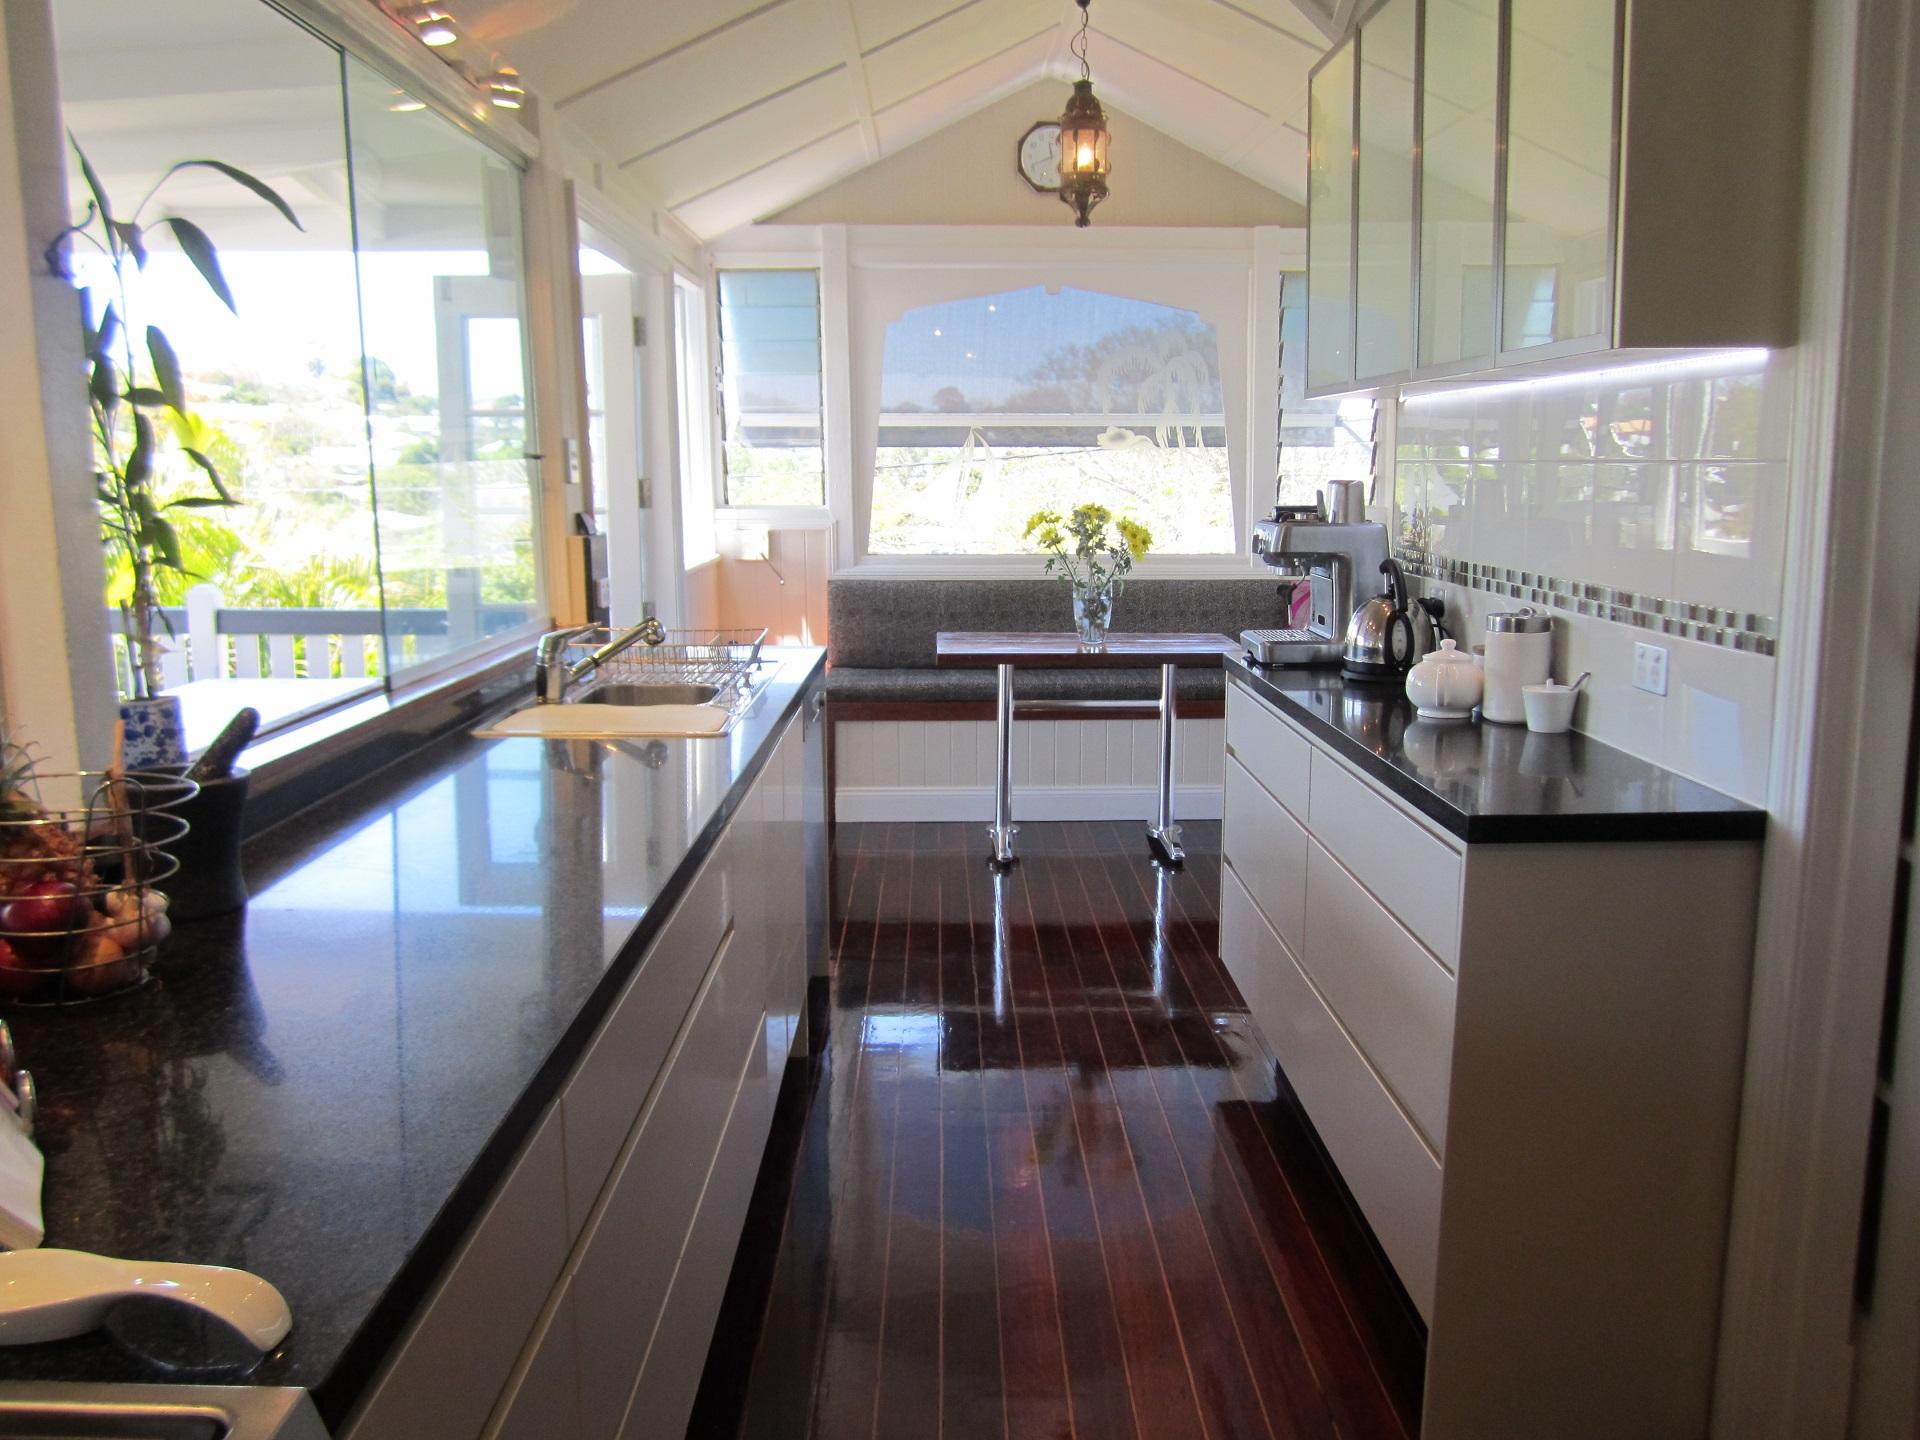 brisbane-kitchen-renovation-wilston-contemporary-kitchen8